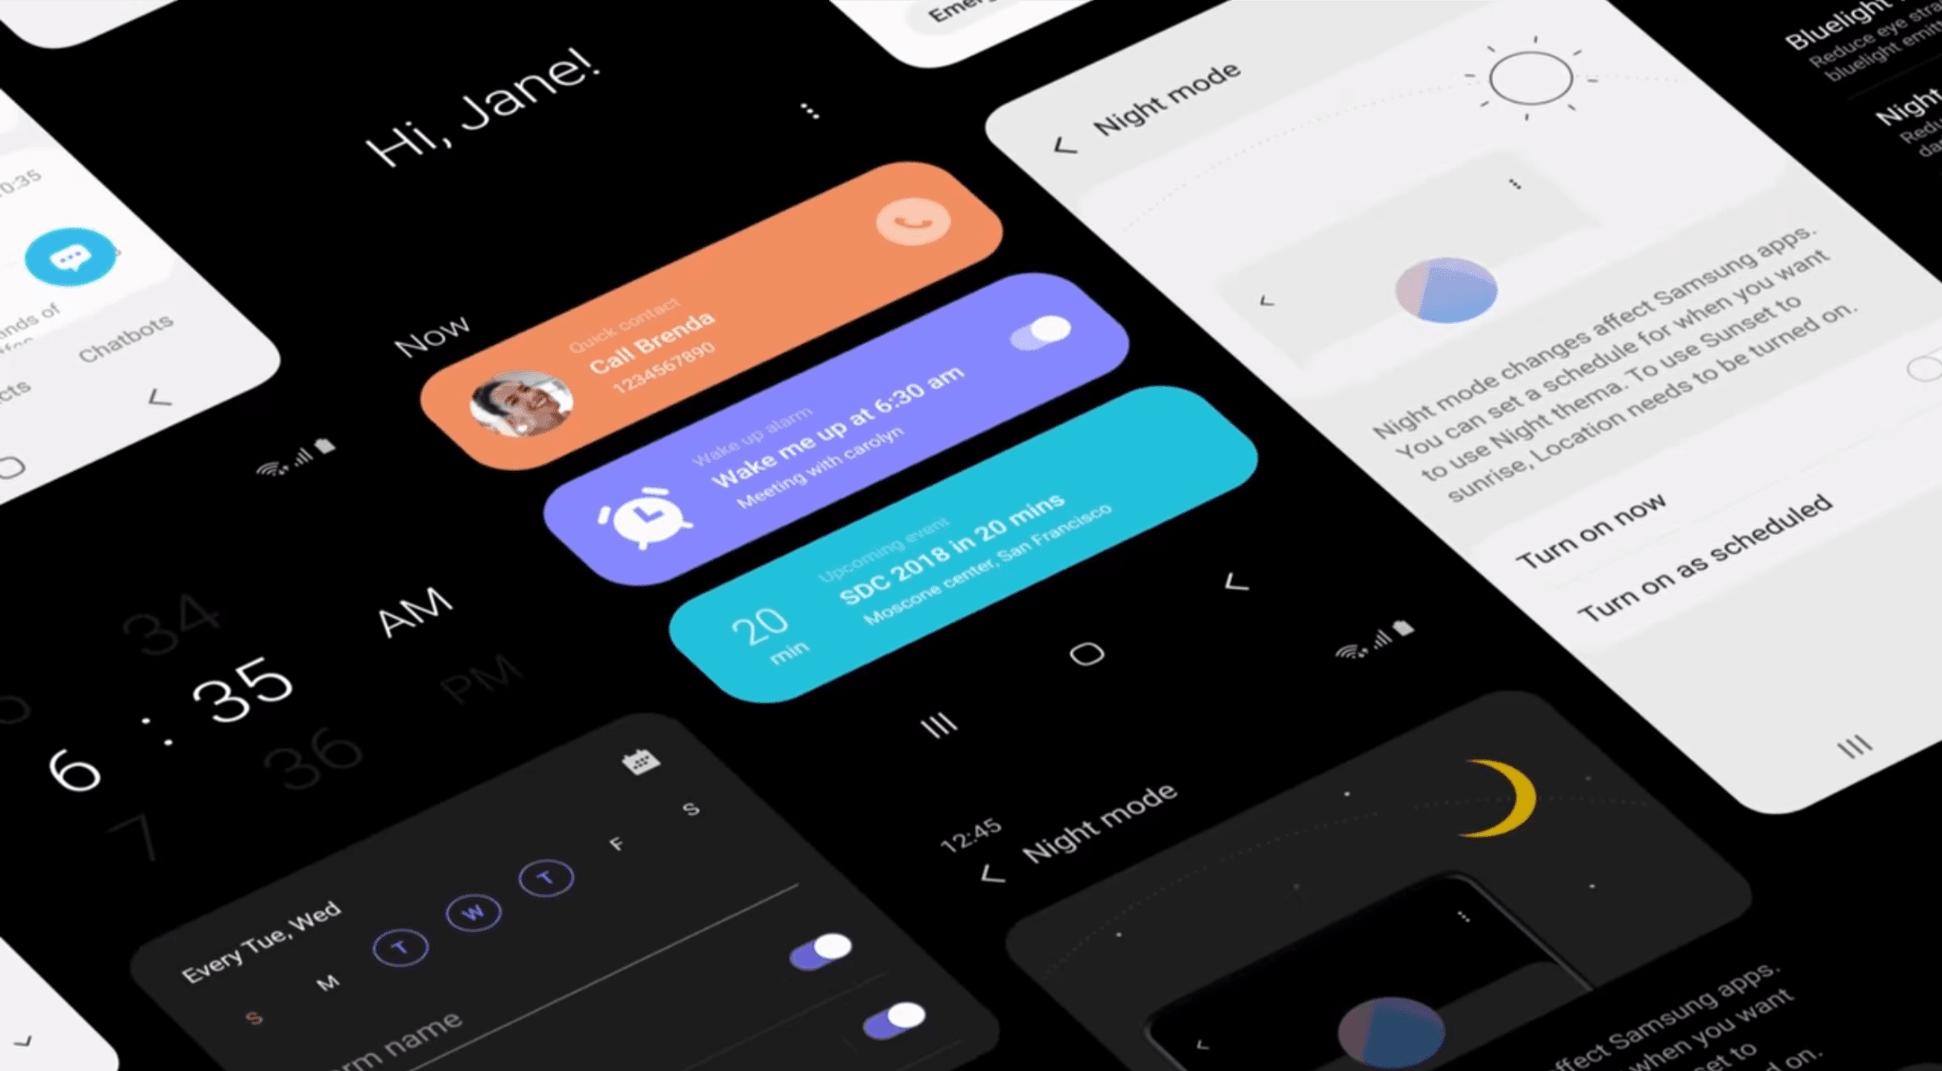 Samsung promuje nakładkę systemową One UI. Aktualizacja systemu do Androida Pie na Galaxy S9/S9+ już blisko 20